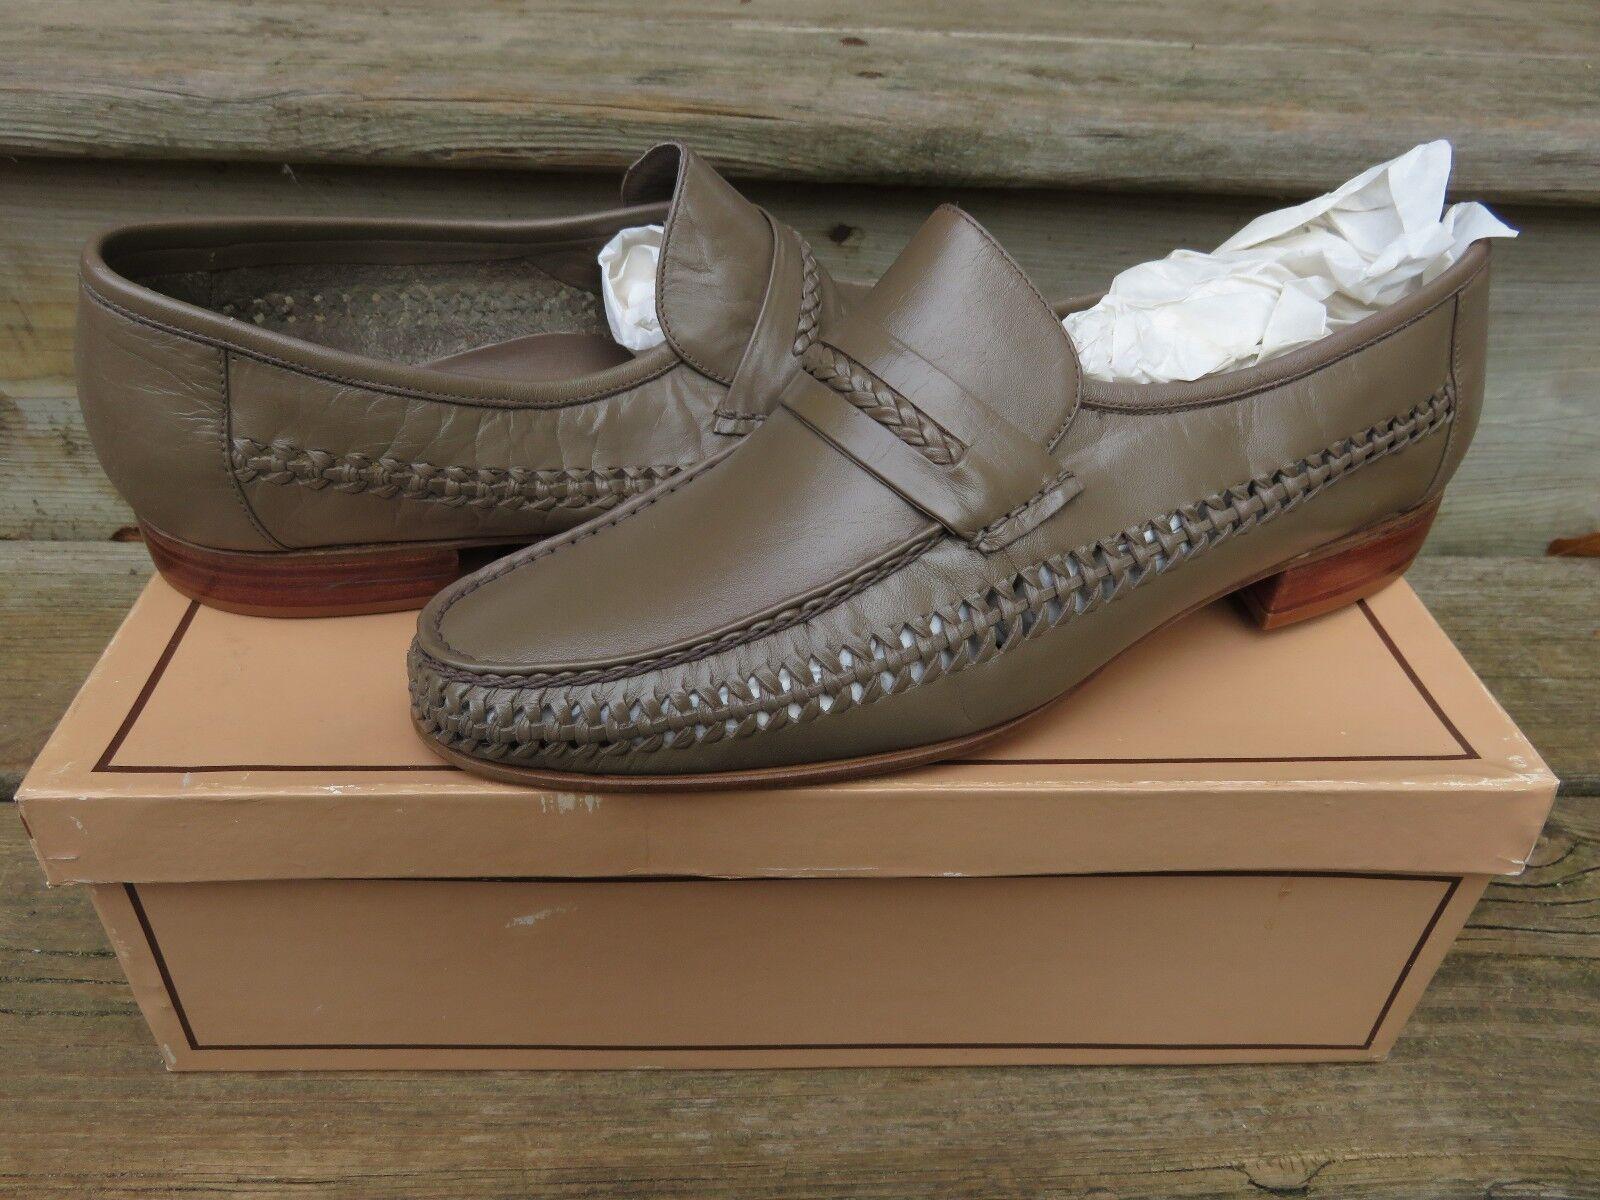 NEW Hanover Handsewn Woven Fullstrap Leather Loafers Size 10 D Made in Brazil Scarpe classiche da uomo